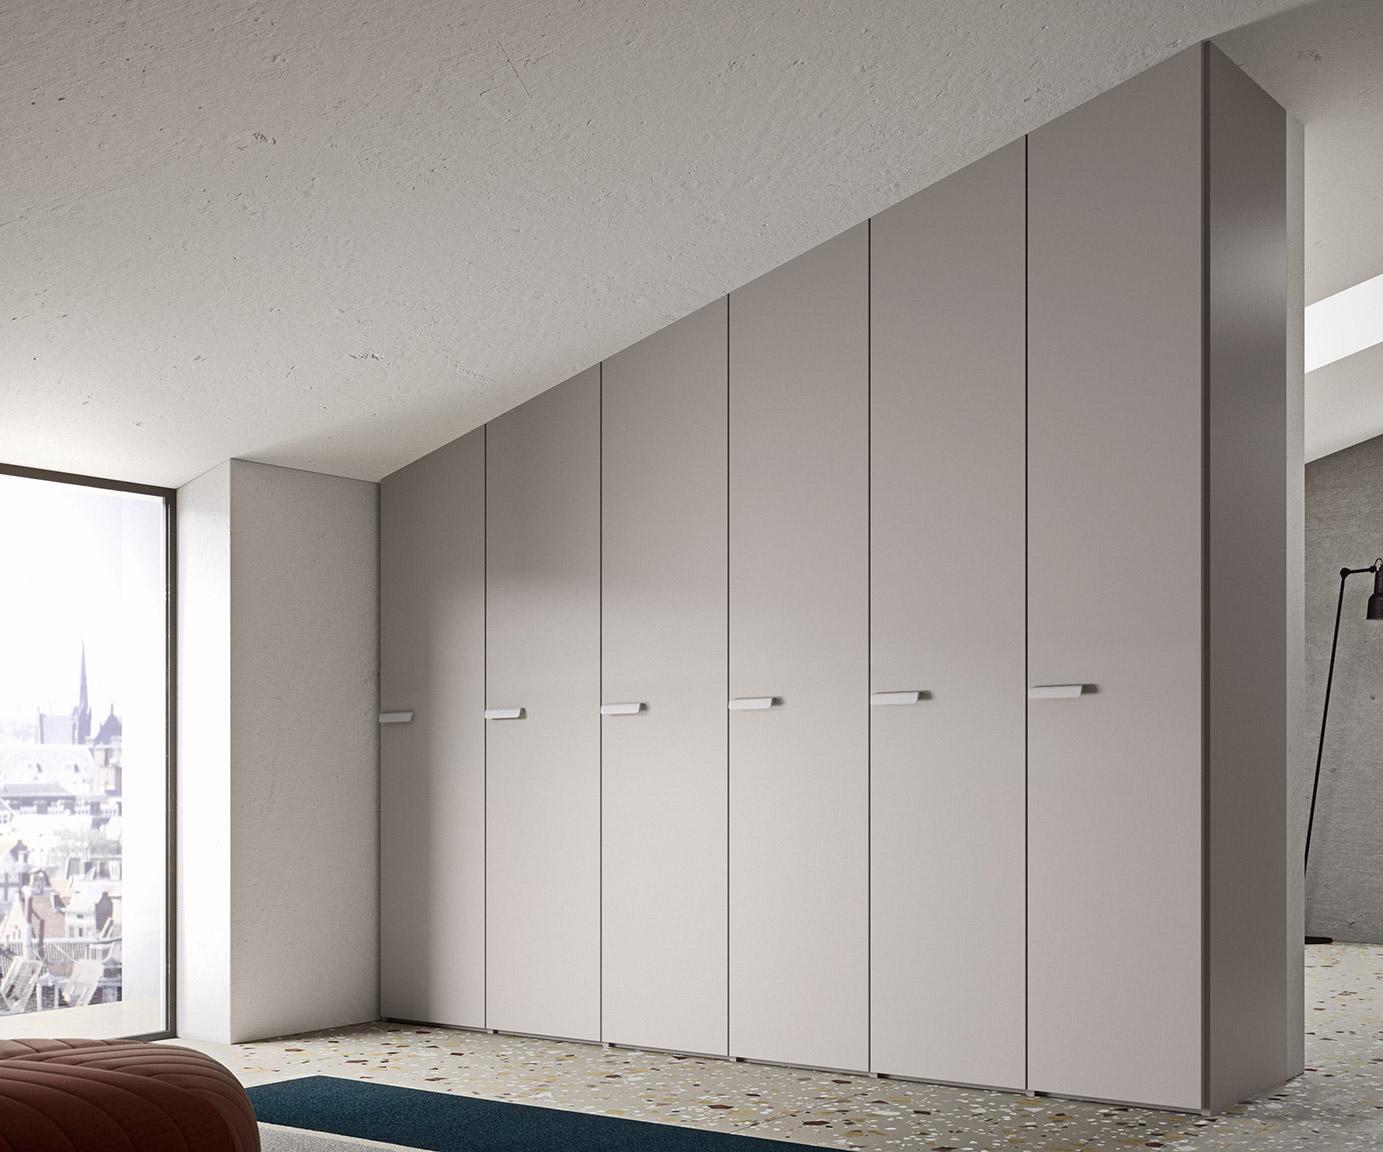 Armadio A Muro Design anta liscia - armadio ante battenti dal design moderno | mab